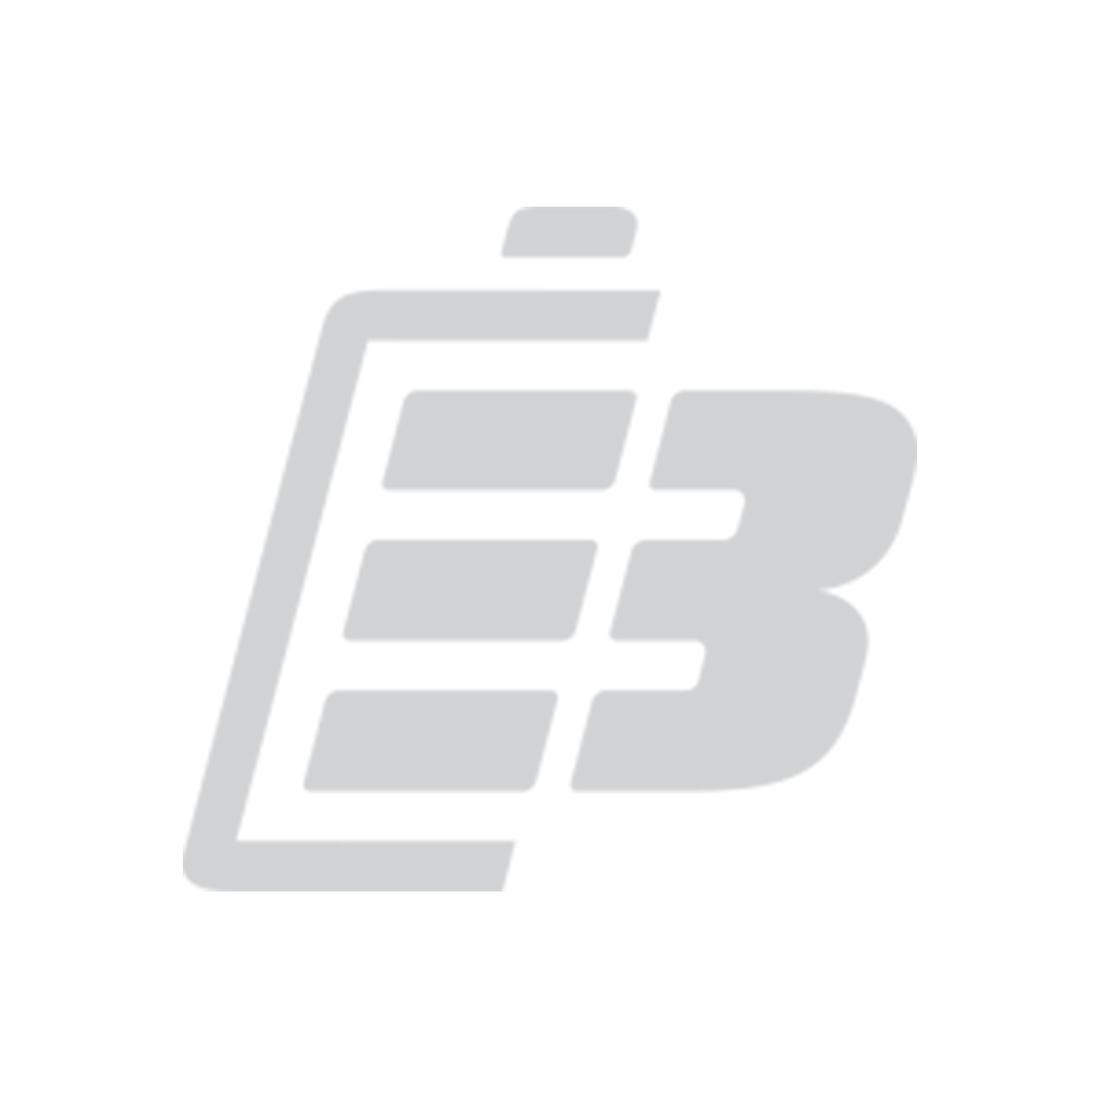 Μπαταρία ασύρματου τηλεφώνου Panasonic HHR-P592_1